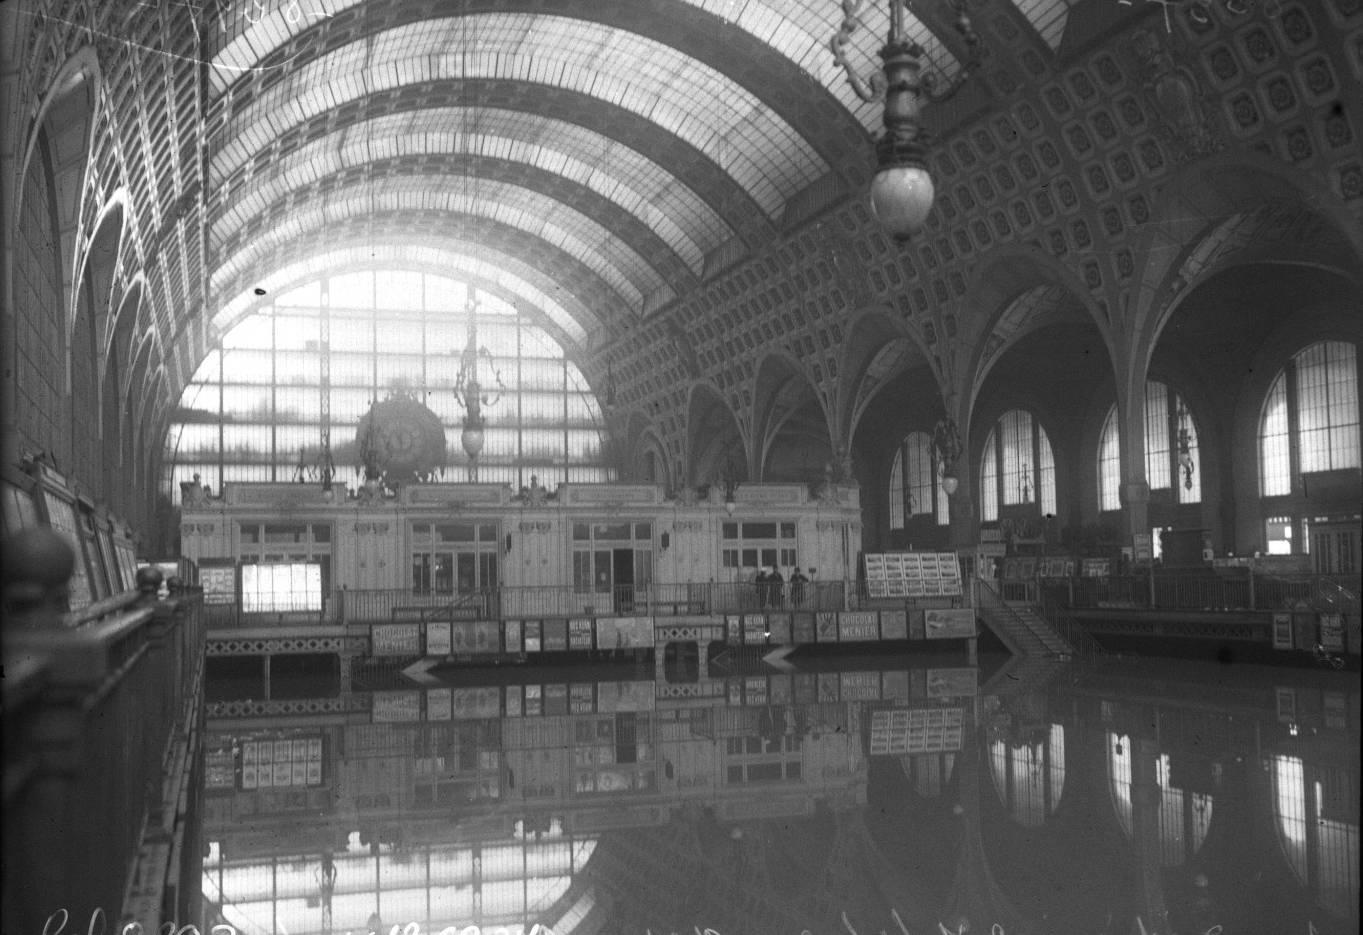 La crue exceptionnelle de la Seine en 1910 | RetroNews - Le site de presse de la BnF